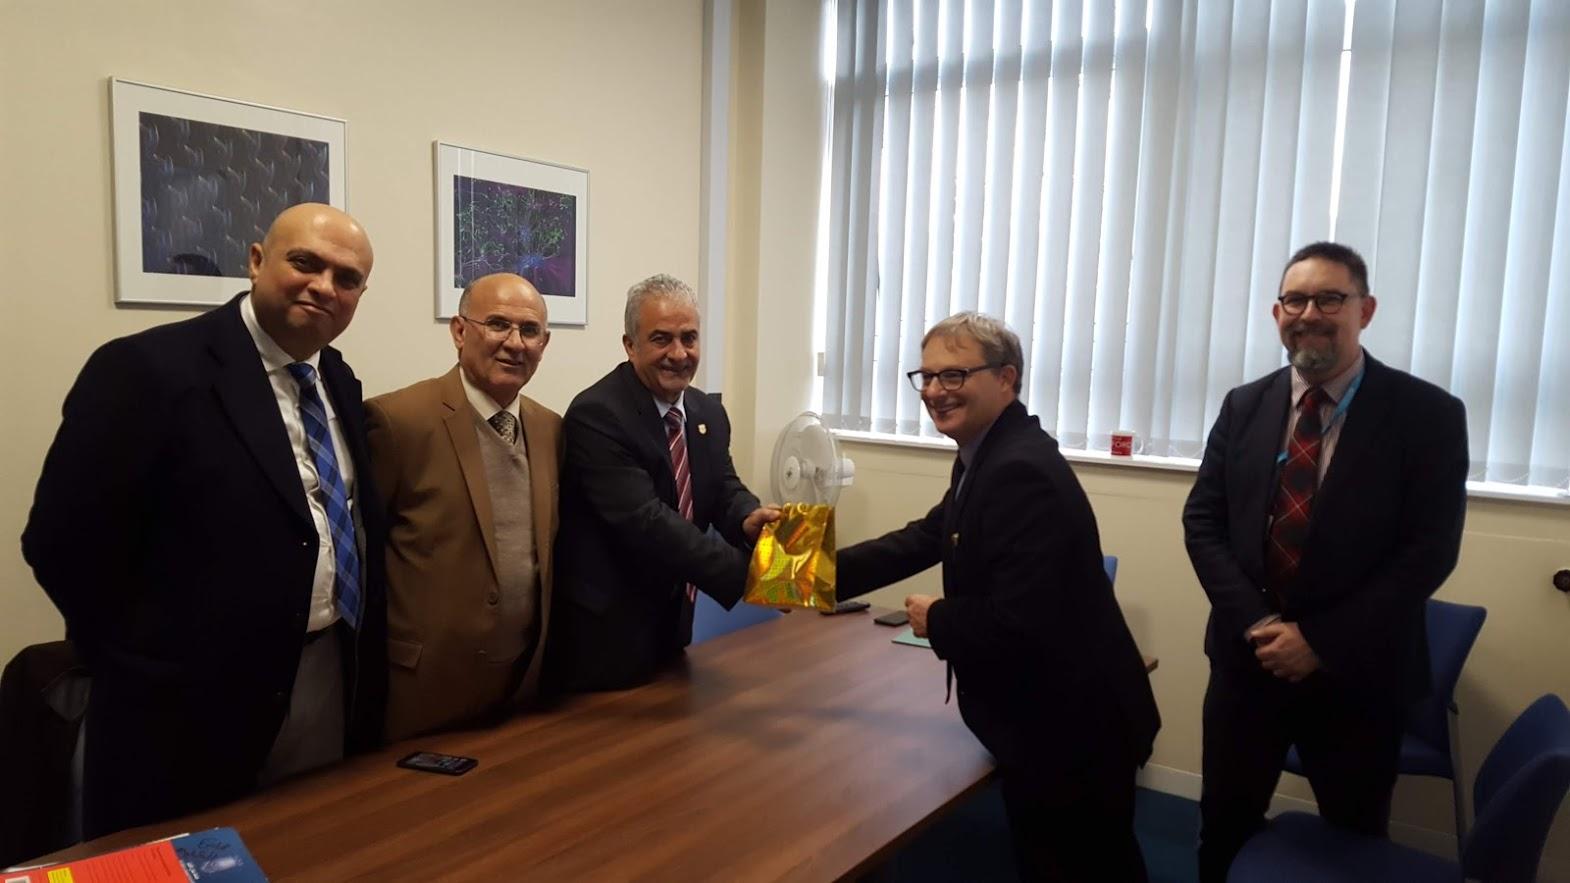 وفد من جامعة عمان الأهلية يزور جامعة برادفورد البريطانية بهدف تحقيق التعاون الاستراتيجي ..  صور